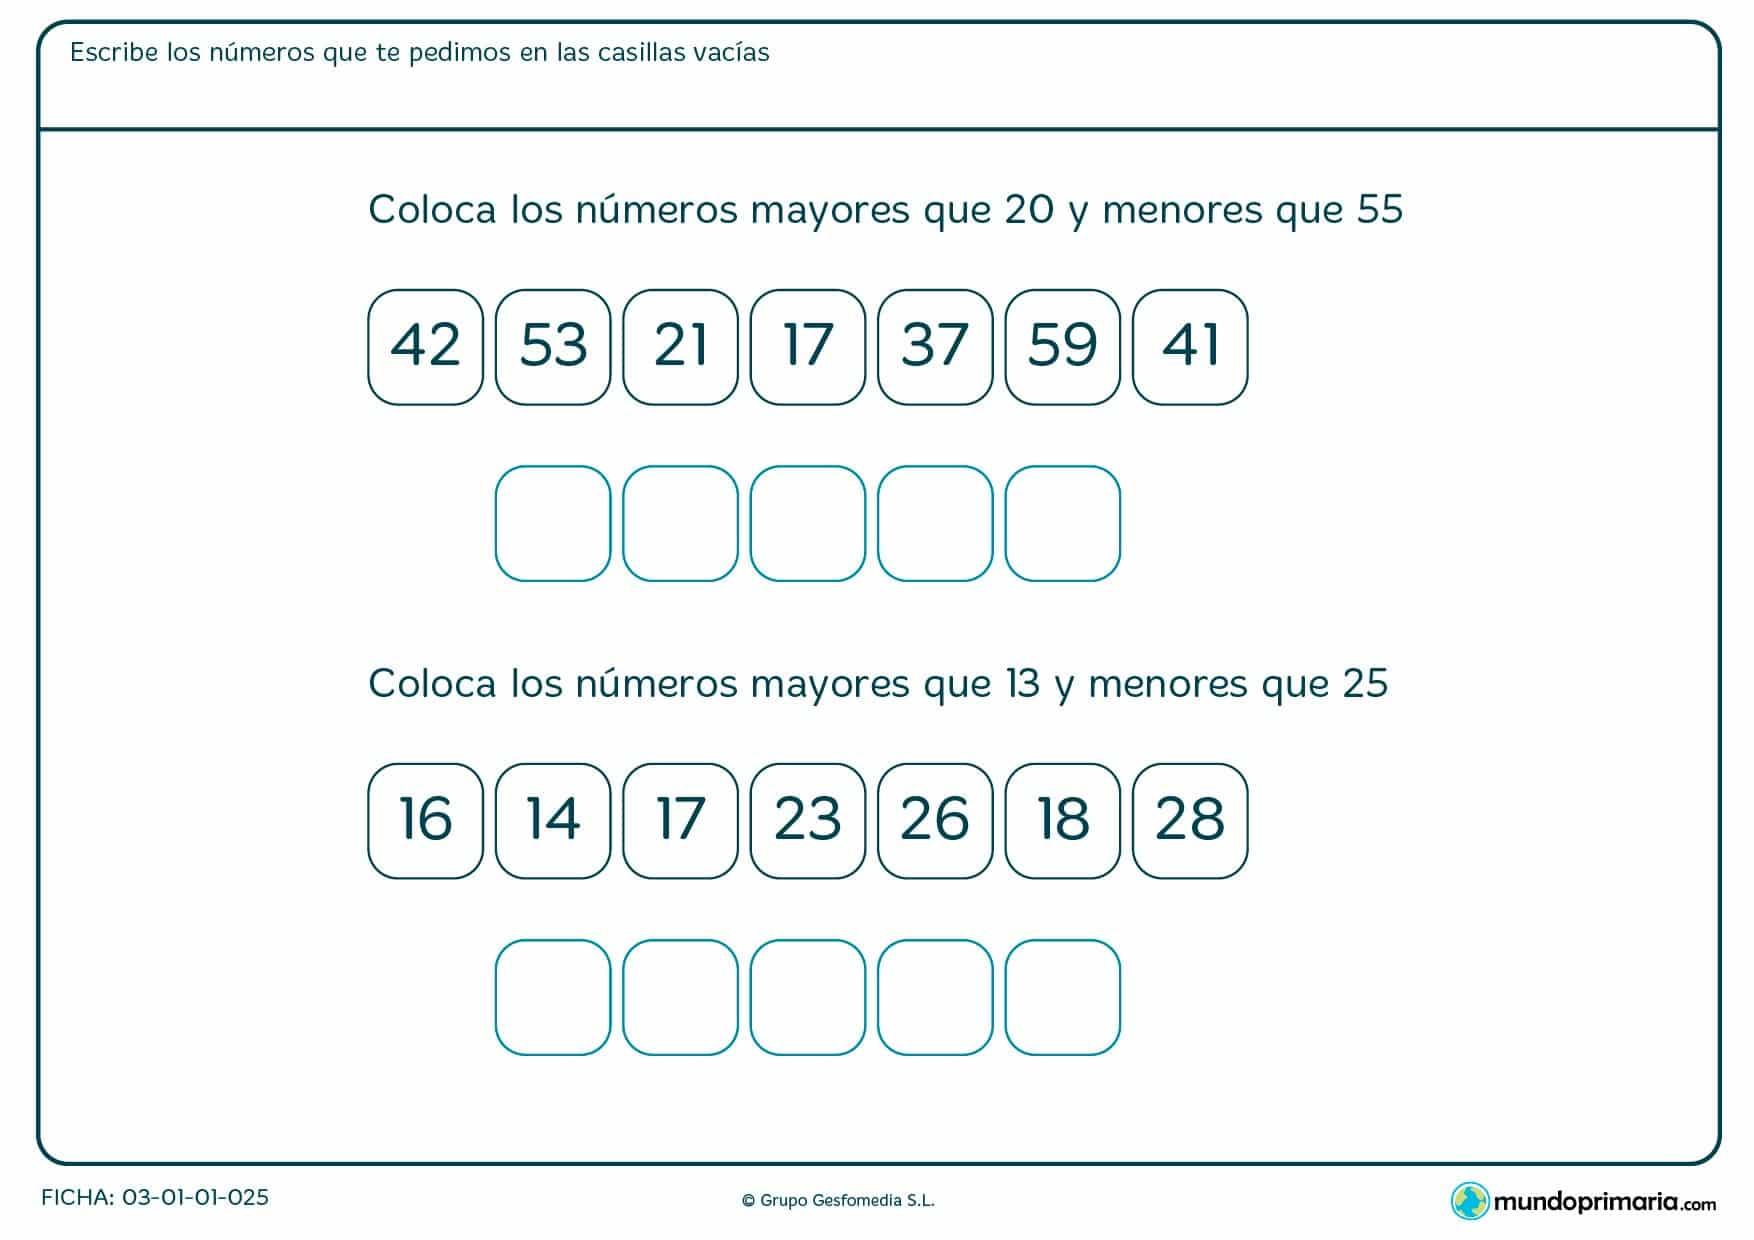 Ficha de colocar un intervalo de números que te vienen en el ejercicio en las casillas que se encuentran vacías